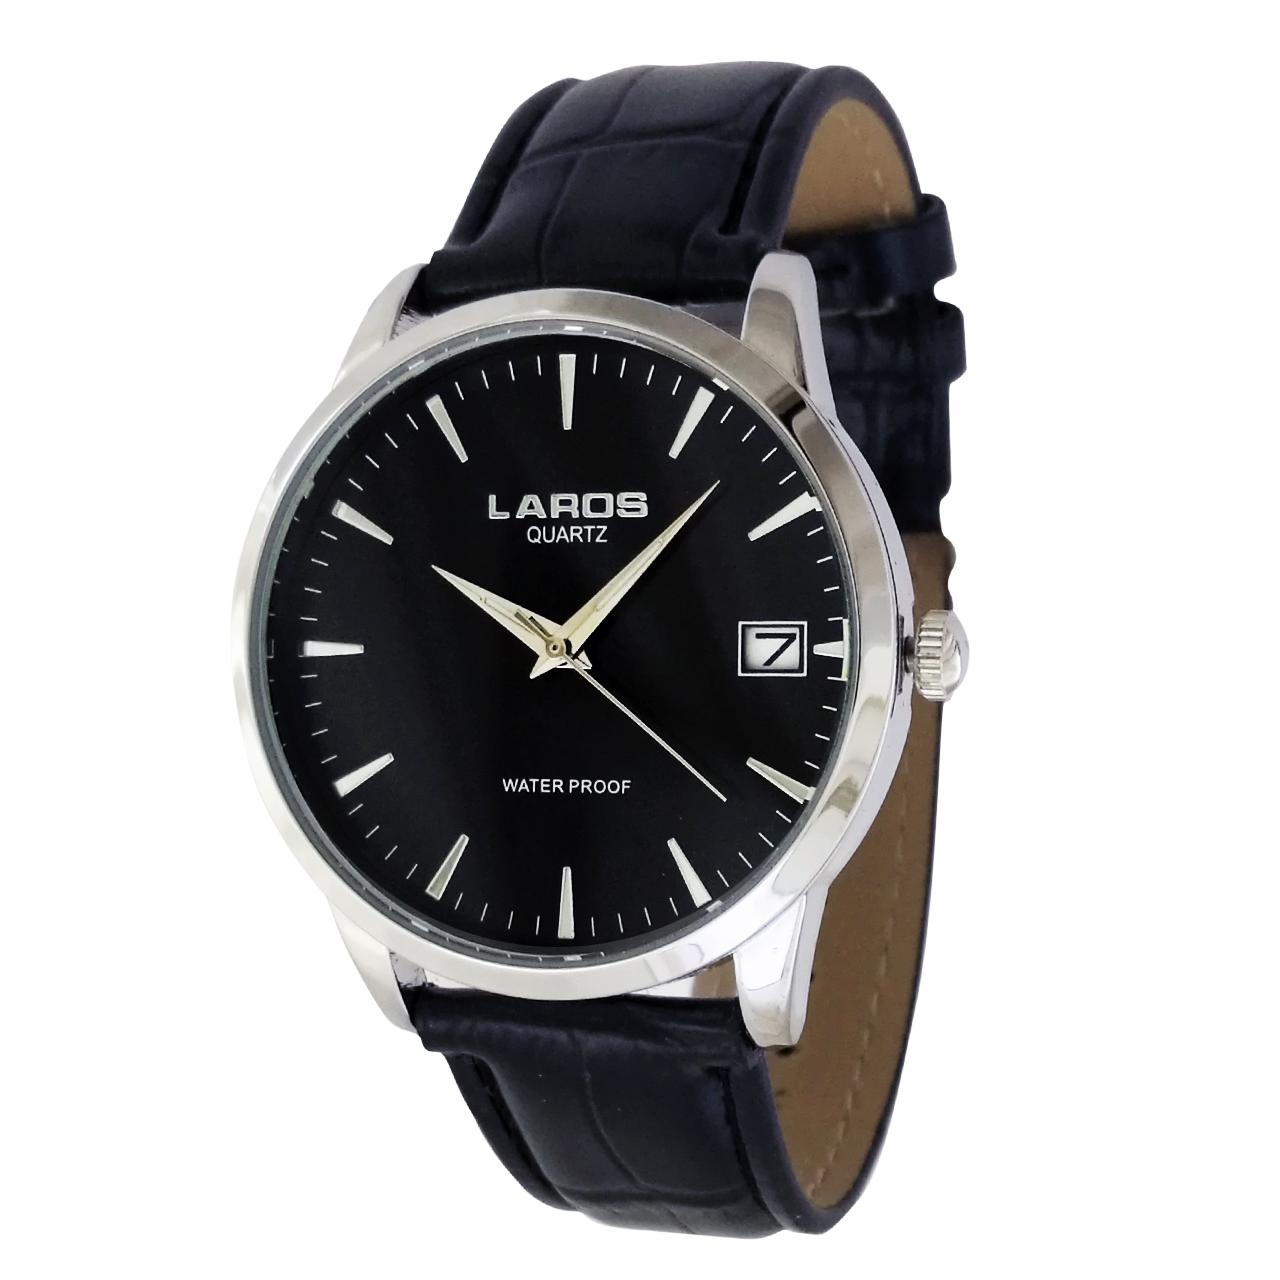 ساعت مچی عقربه ای مردانه لاروس مدل  1117-80139-s-d به همراه دستمال مخصوص برند کلین واچ